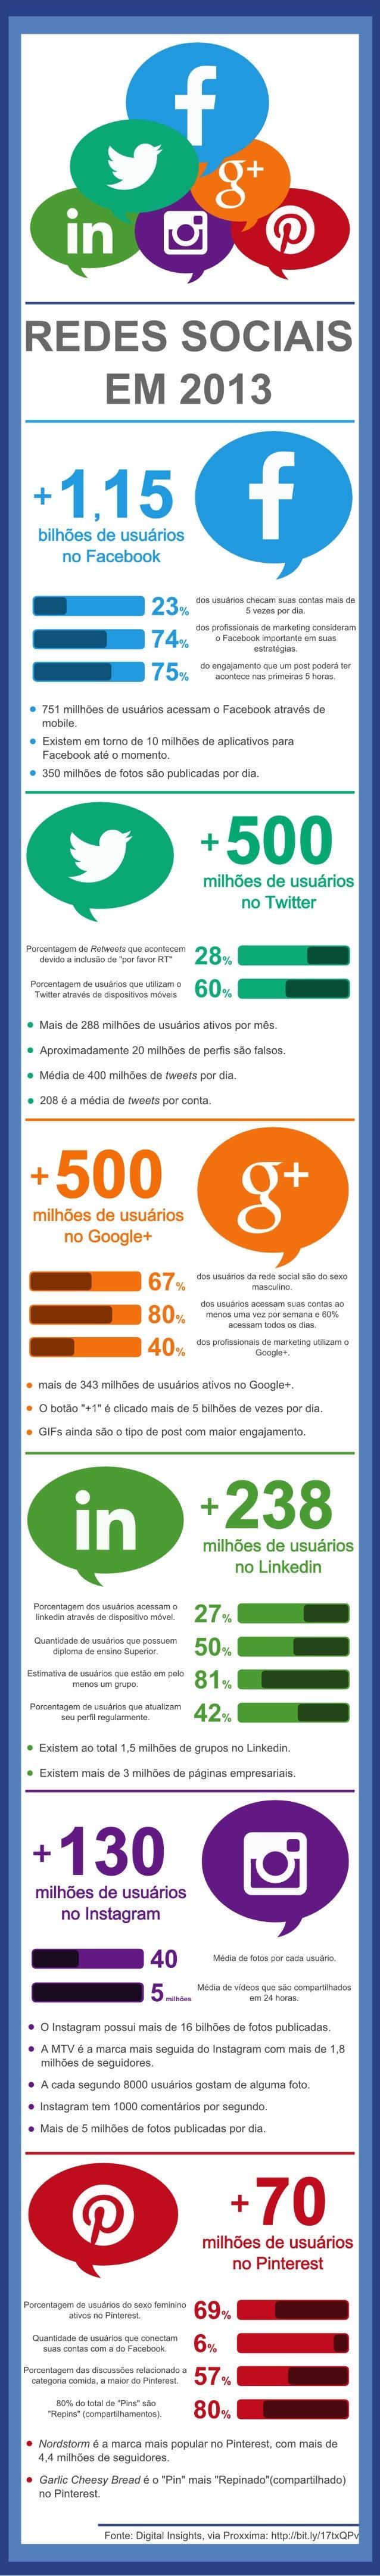 Infográfico: Redes Sociais em 2013